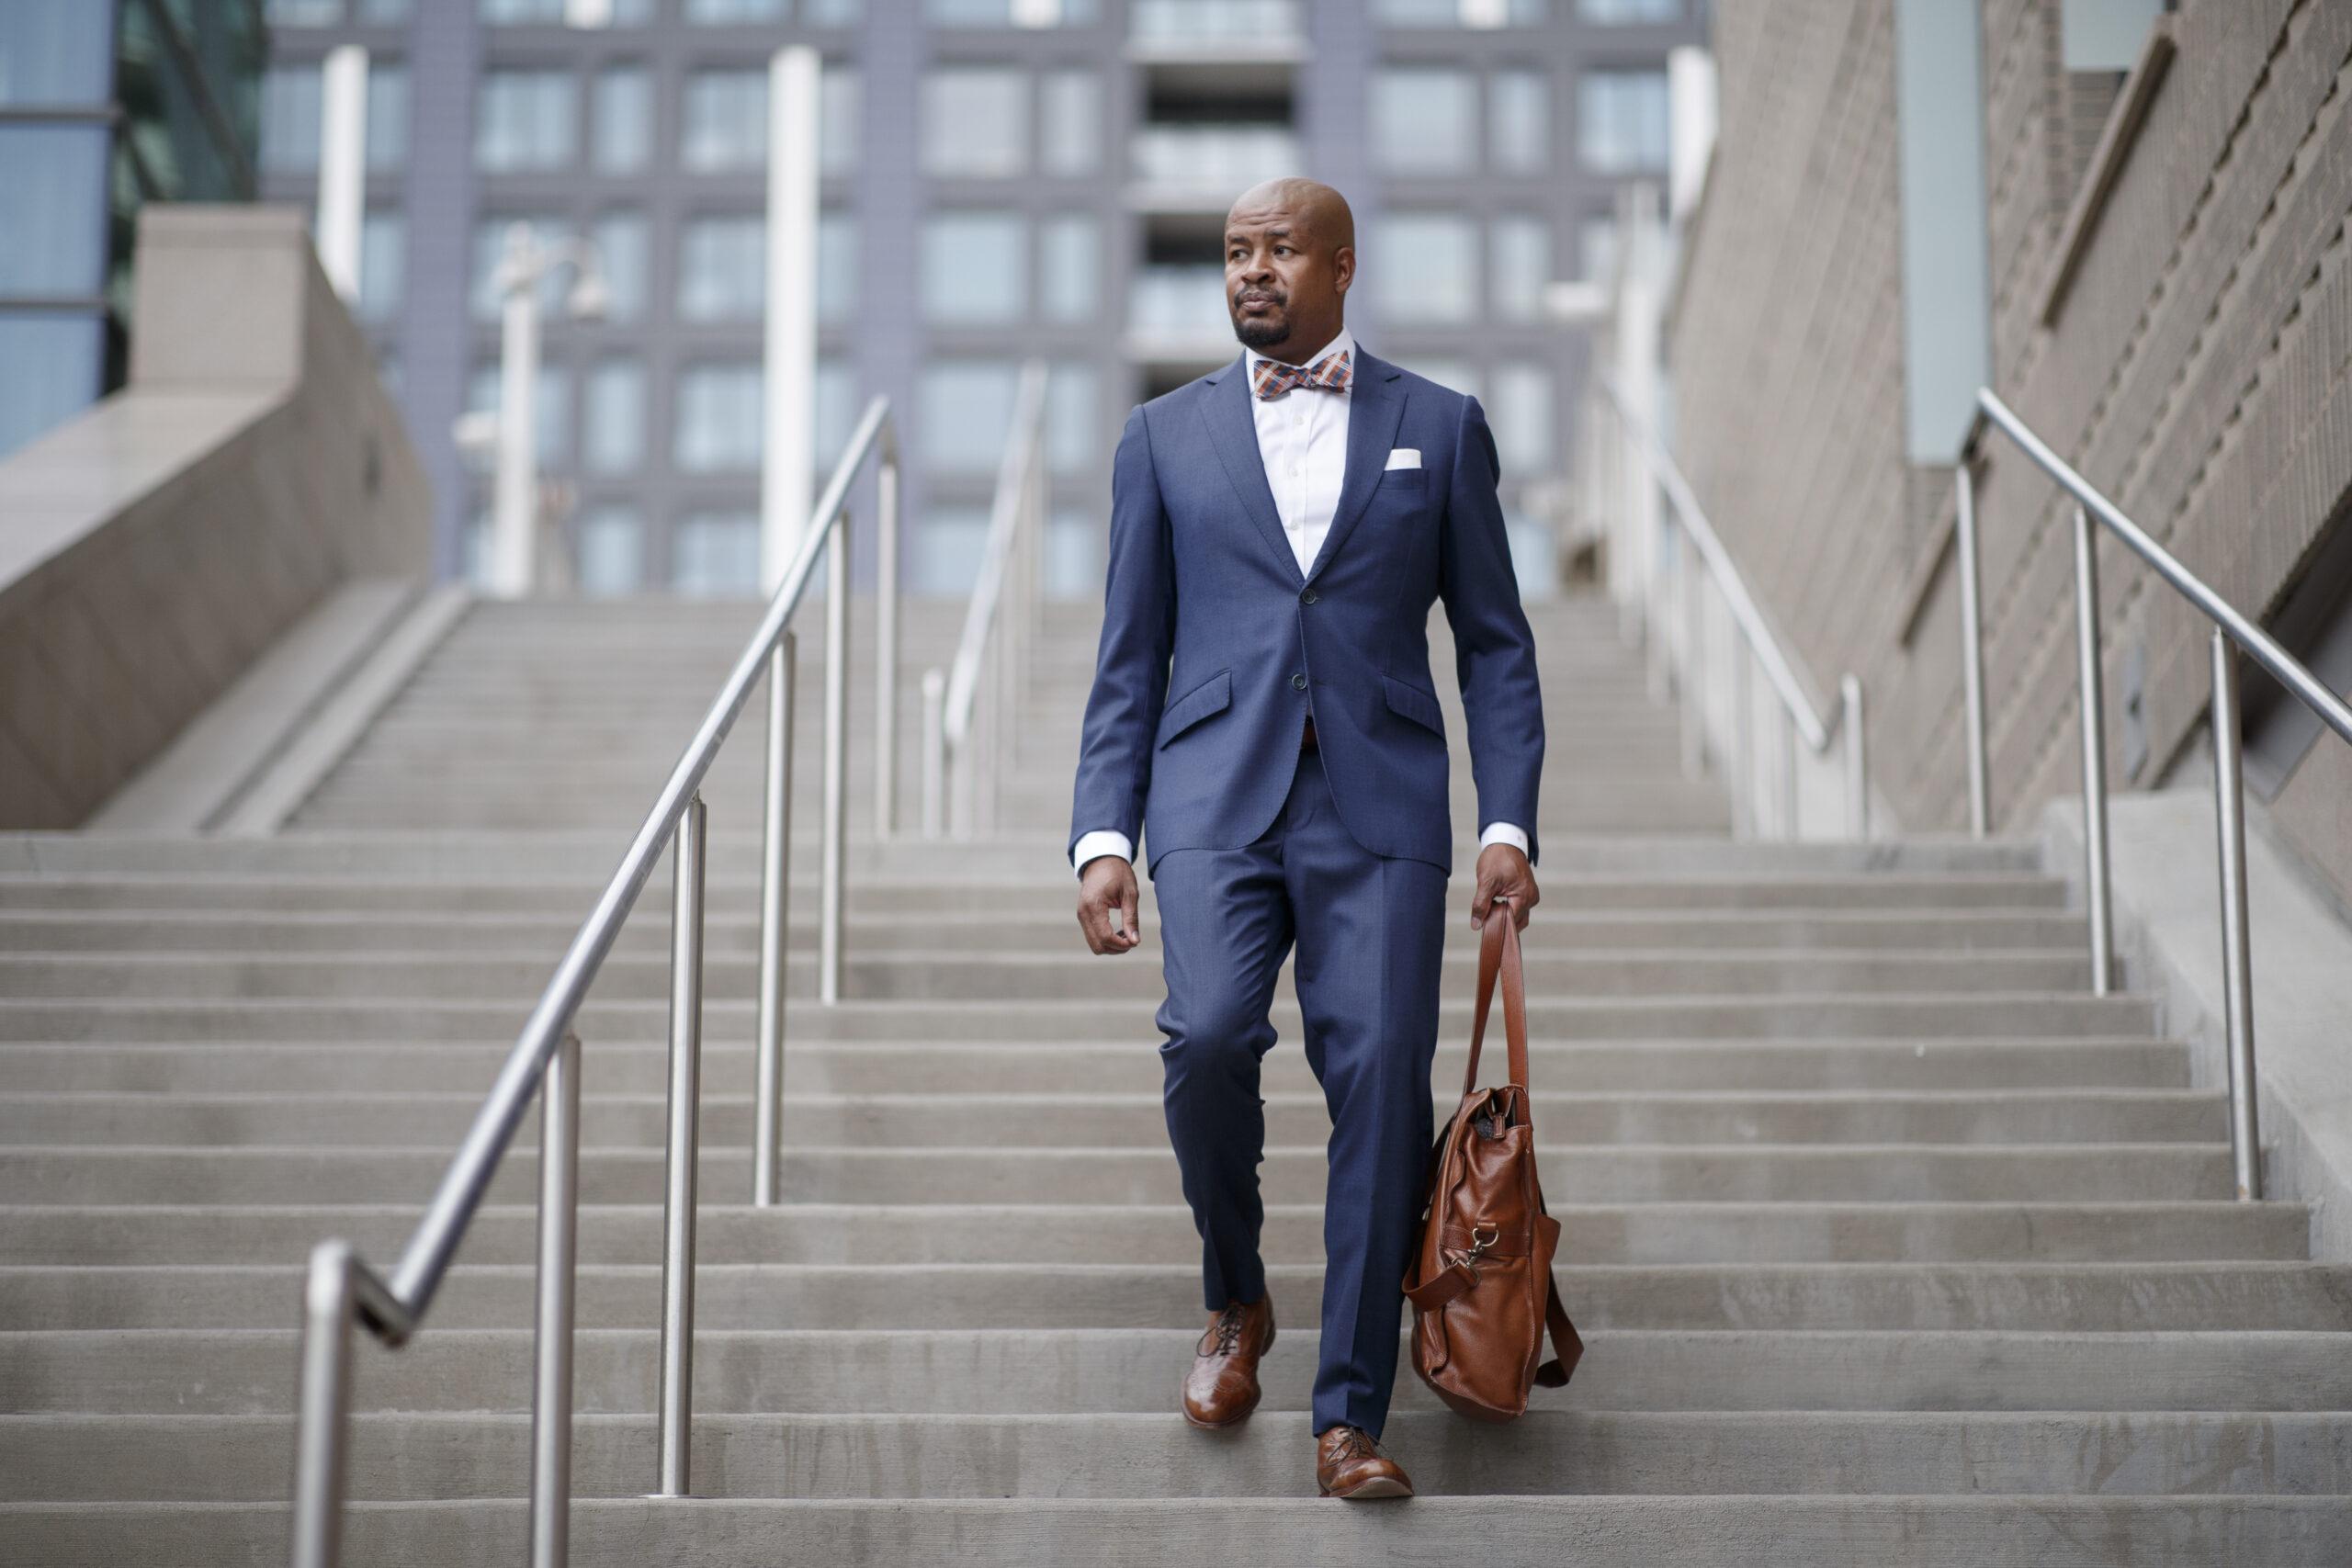 Alvin Cooper III in custom blue suit